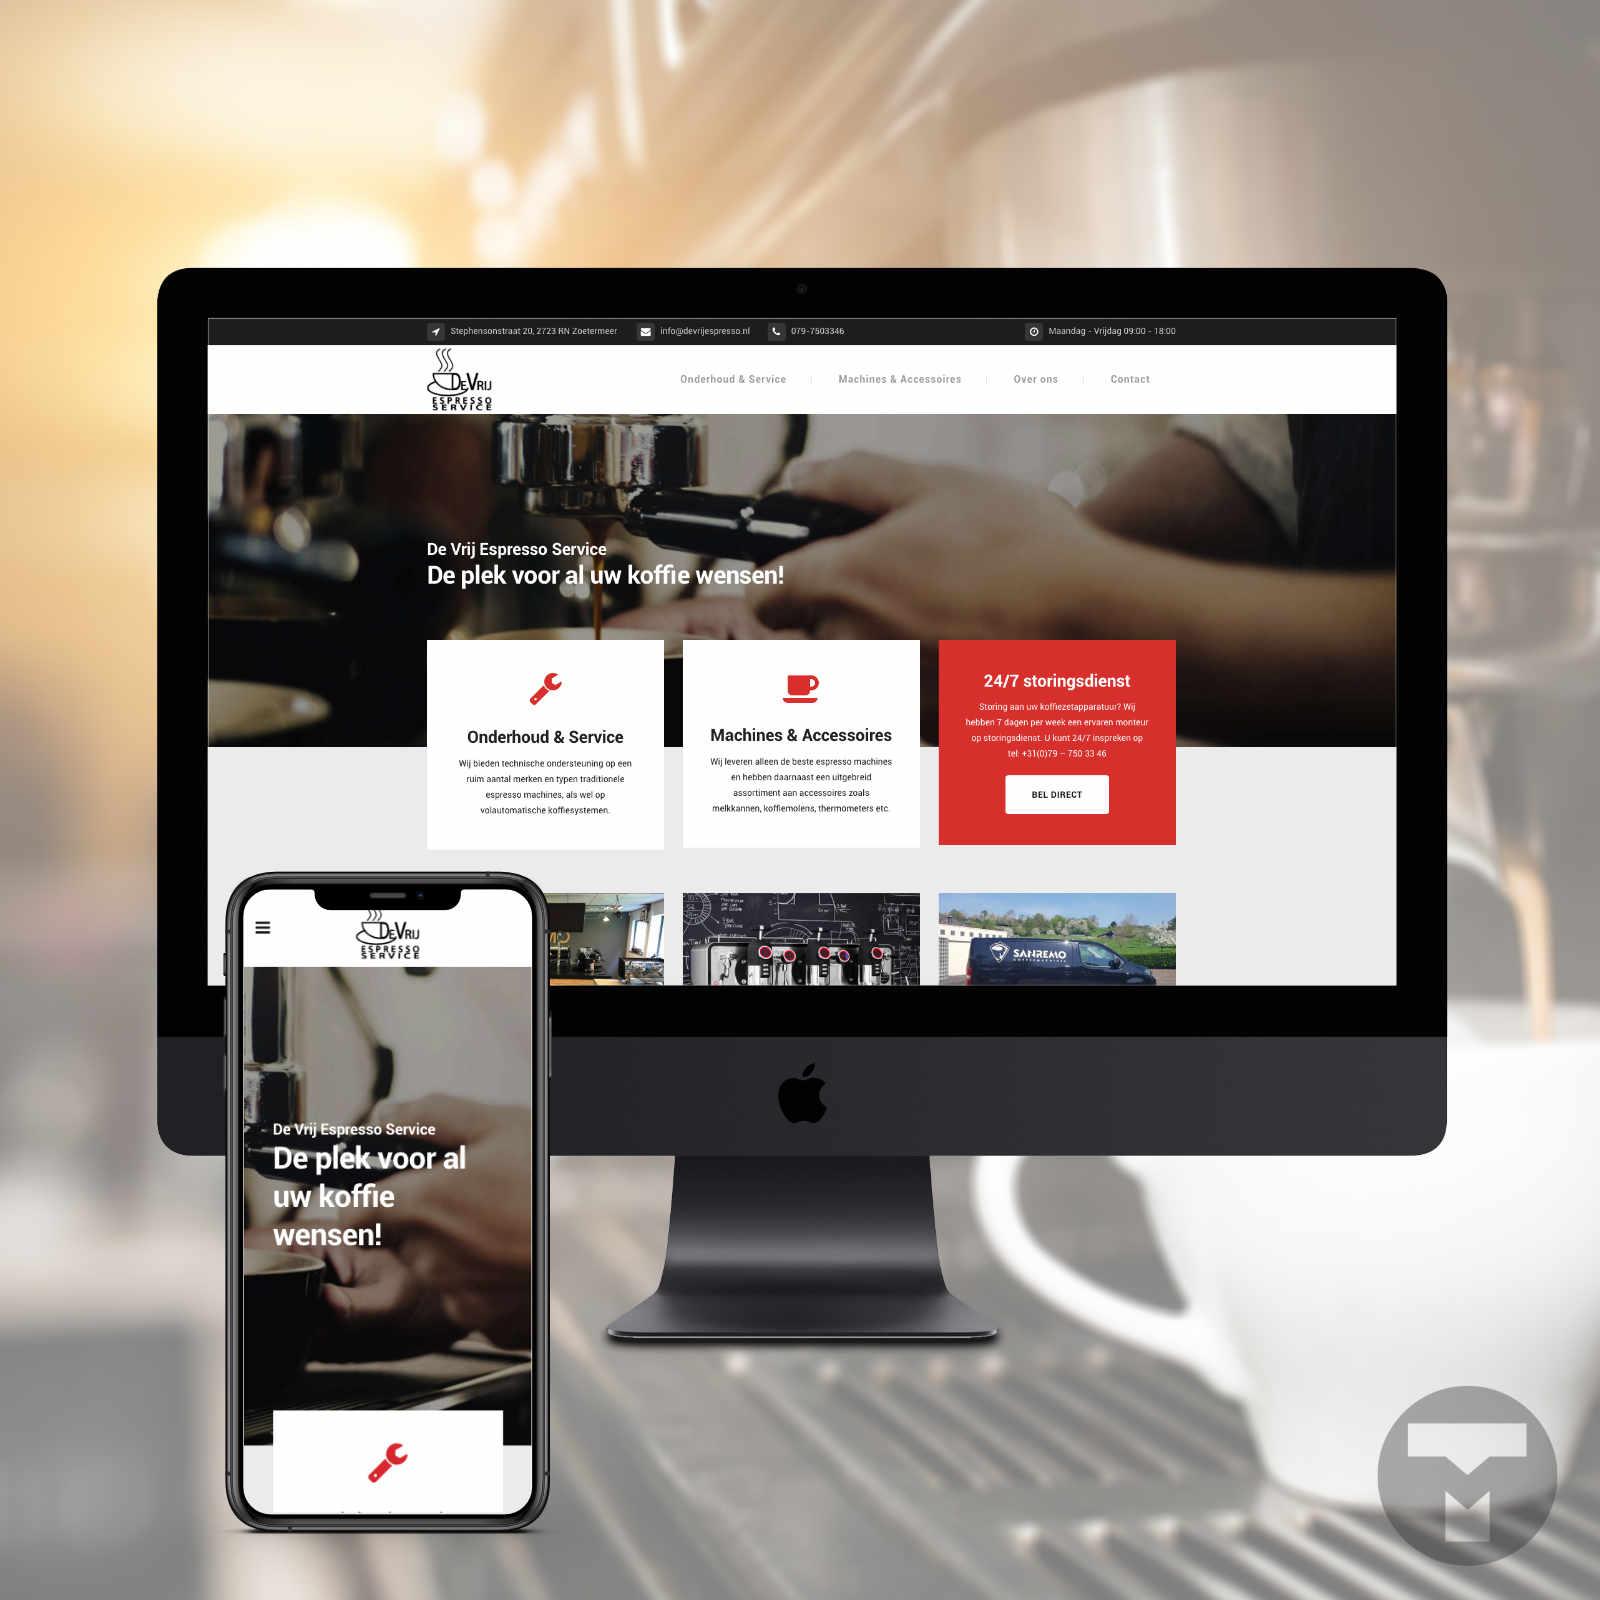 Website voor De Vrij Espresso Service